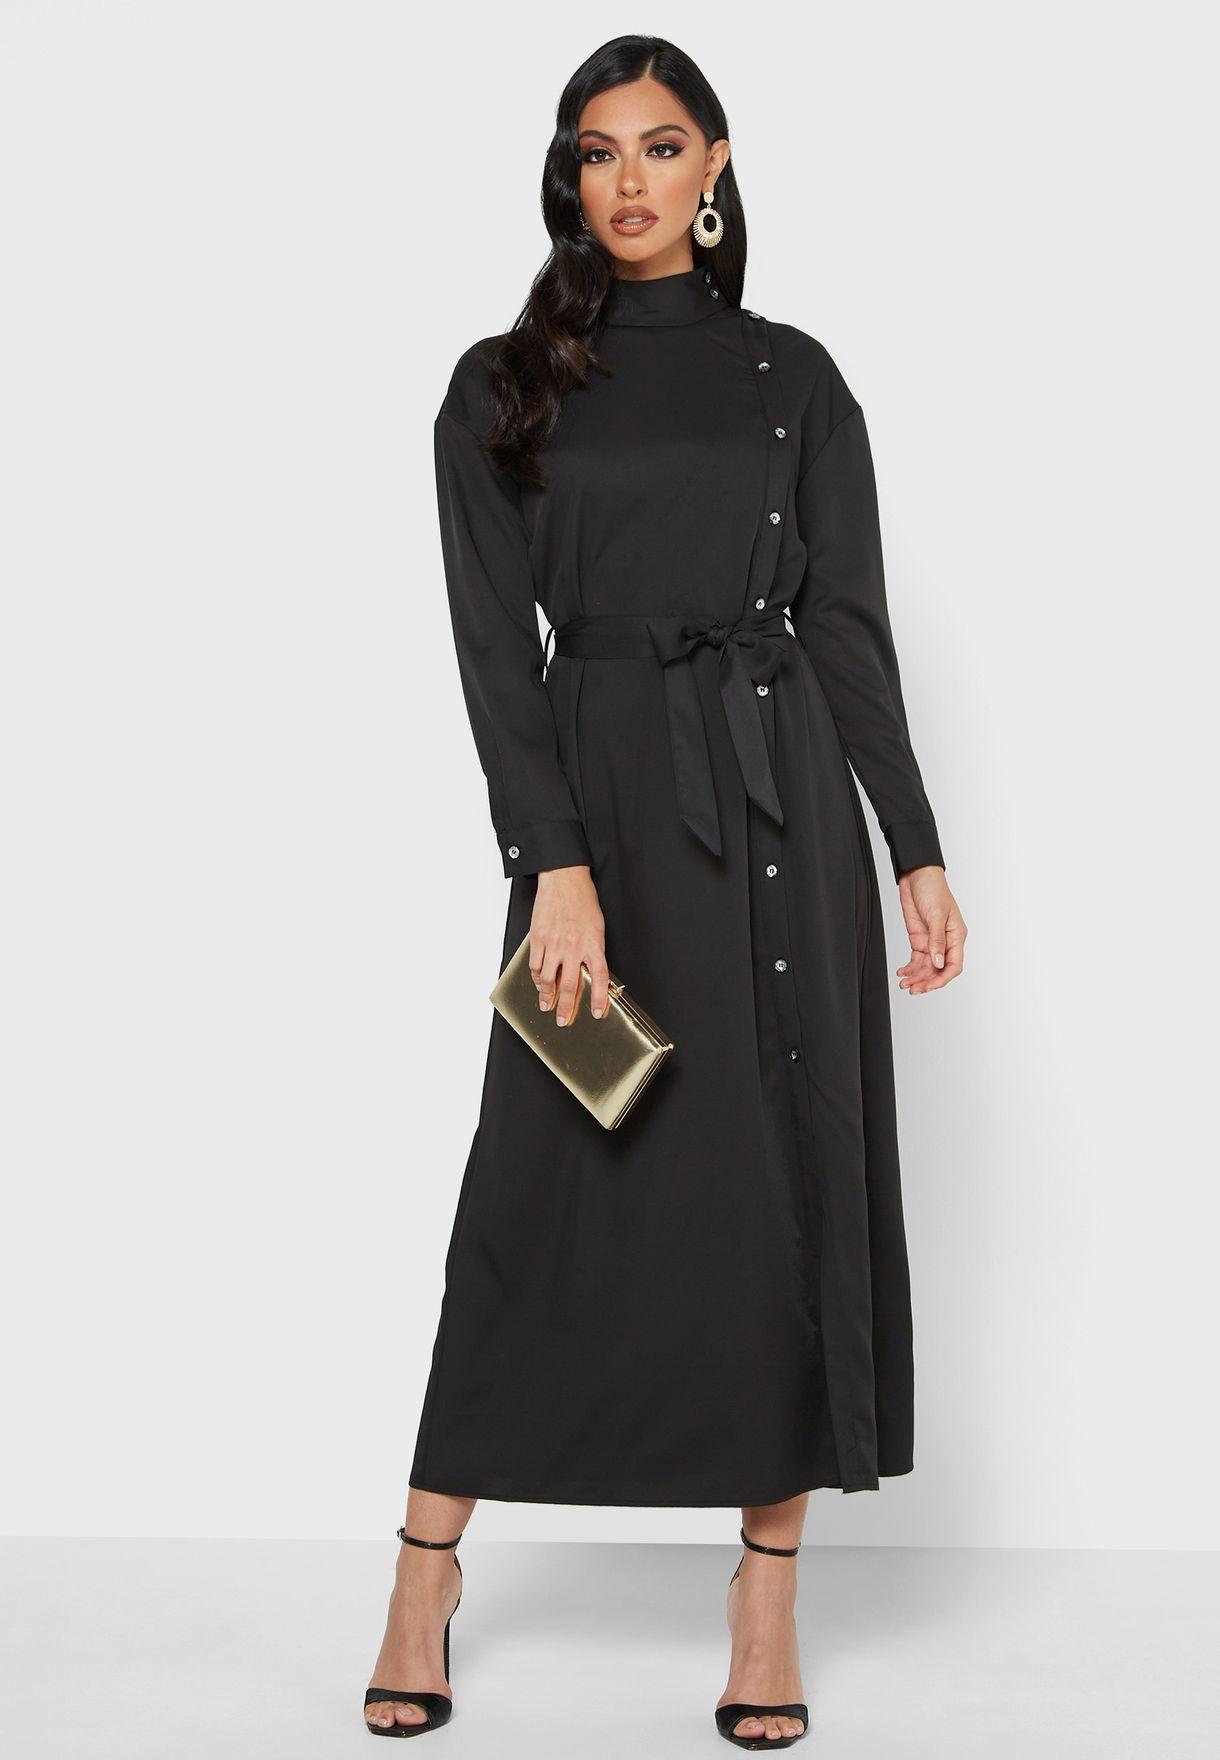 High Neck Side Button Dress